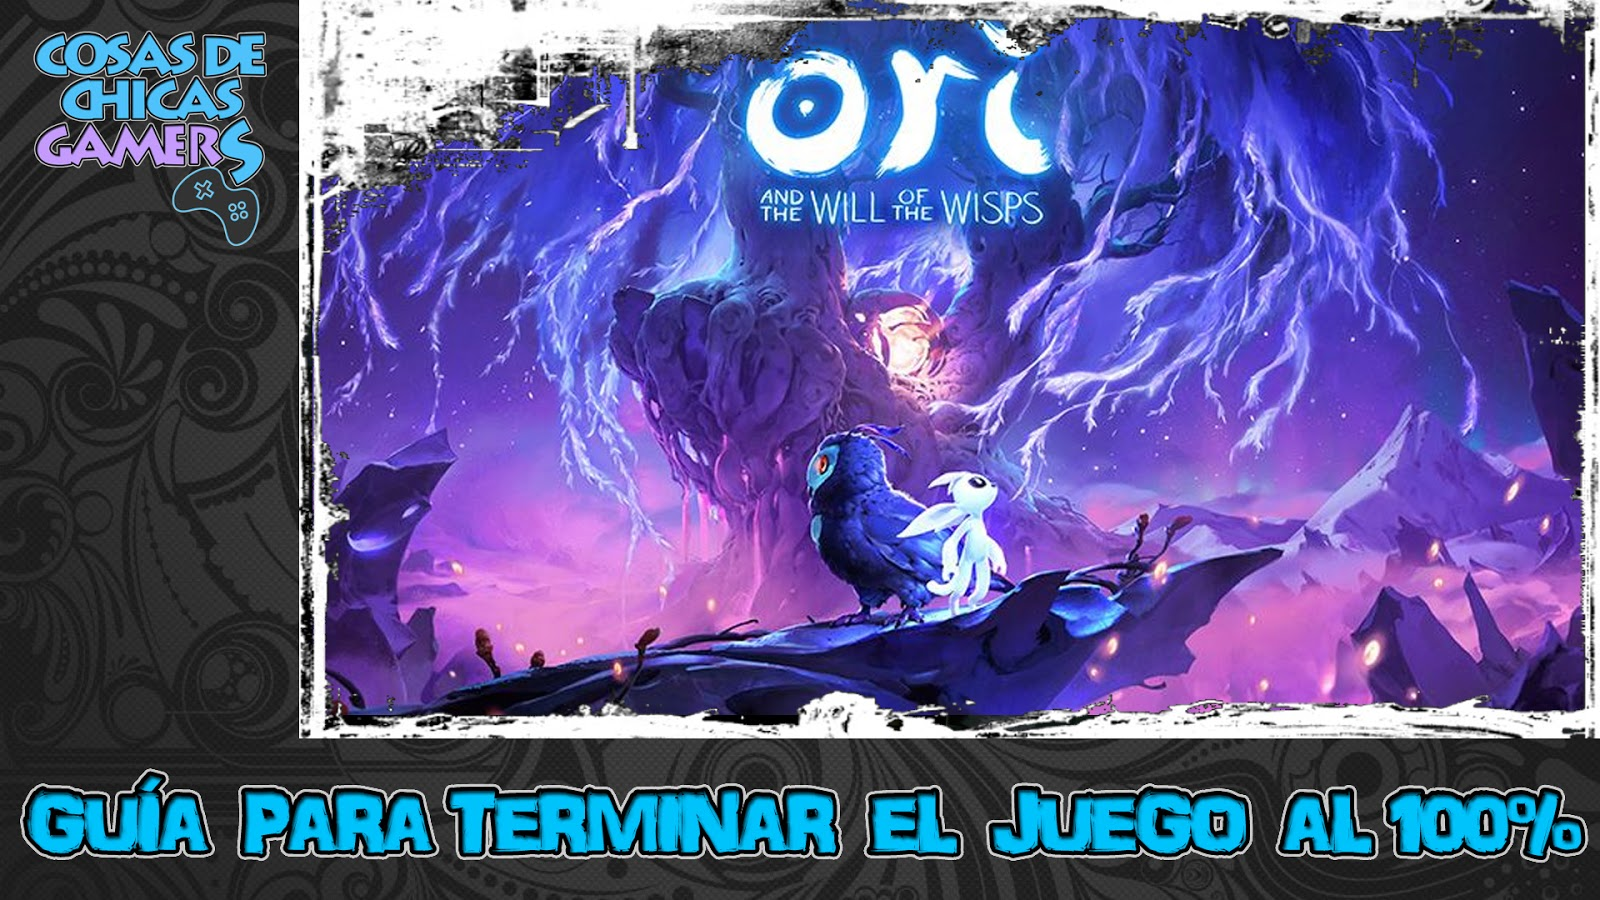 ORI AND THE WILL OF THE WISPS - GUÍA PARA COMPLETAR EL JUEGO AL 100%